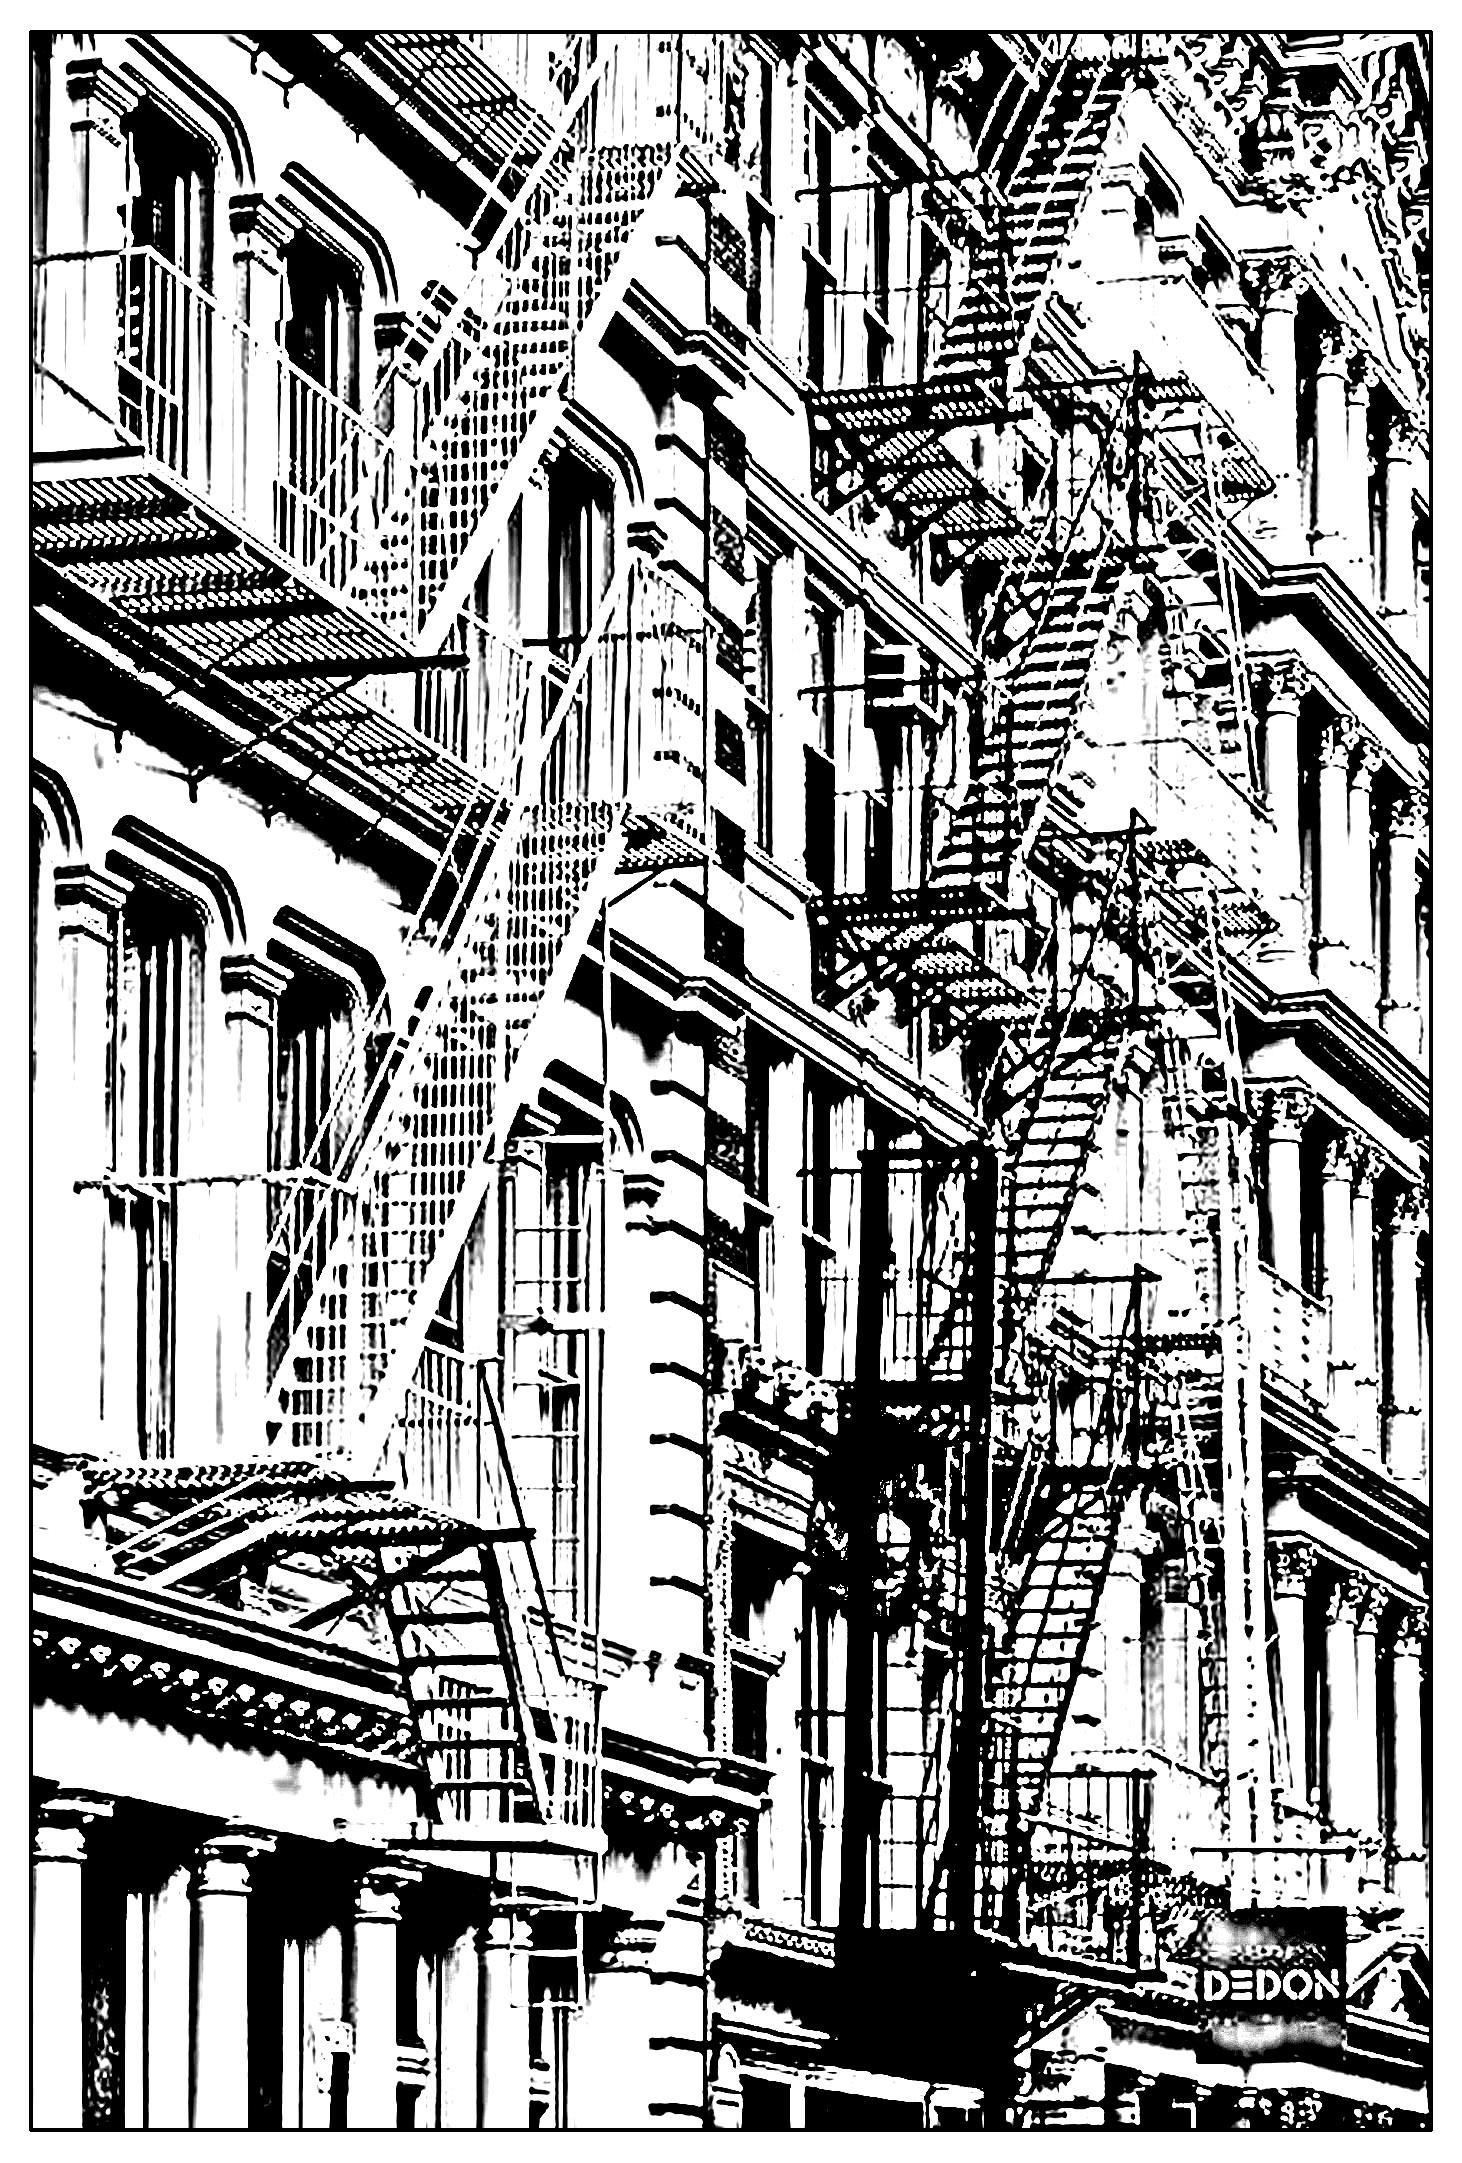 Façade typique du quartier Soho à New York